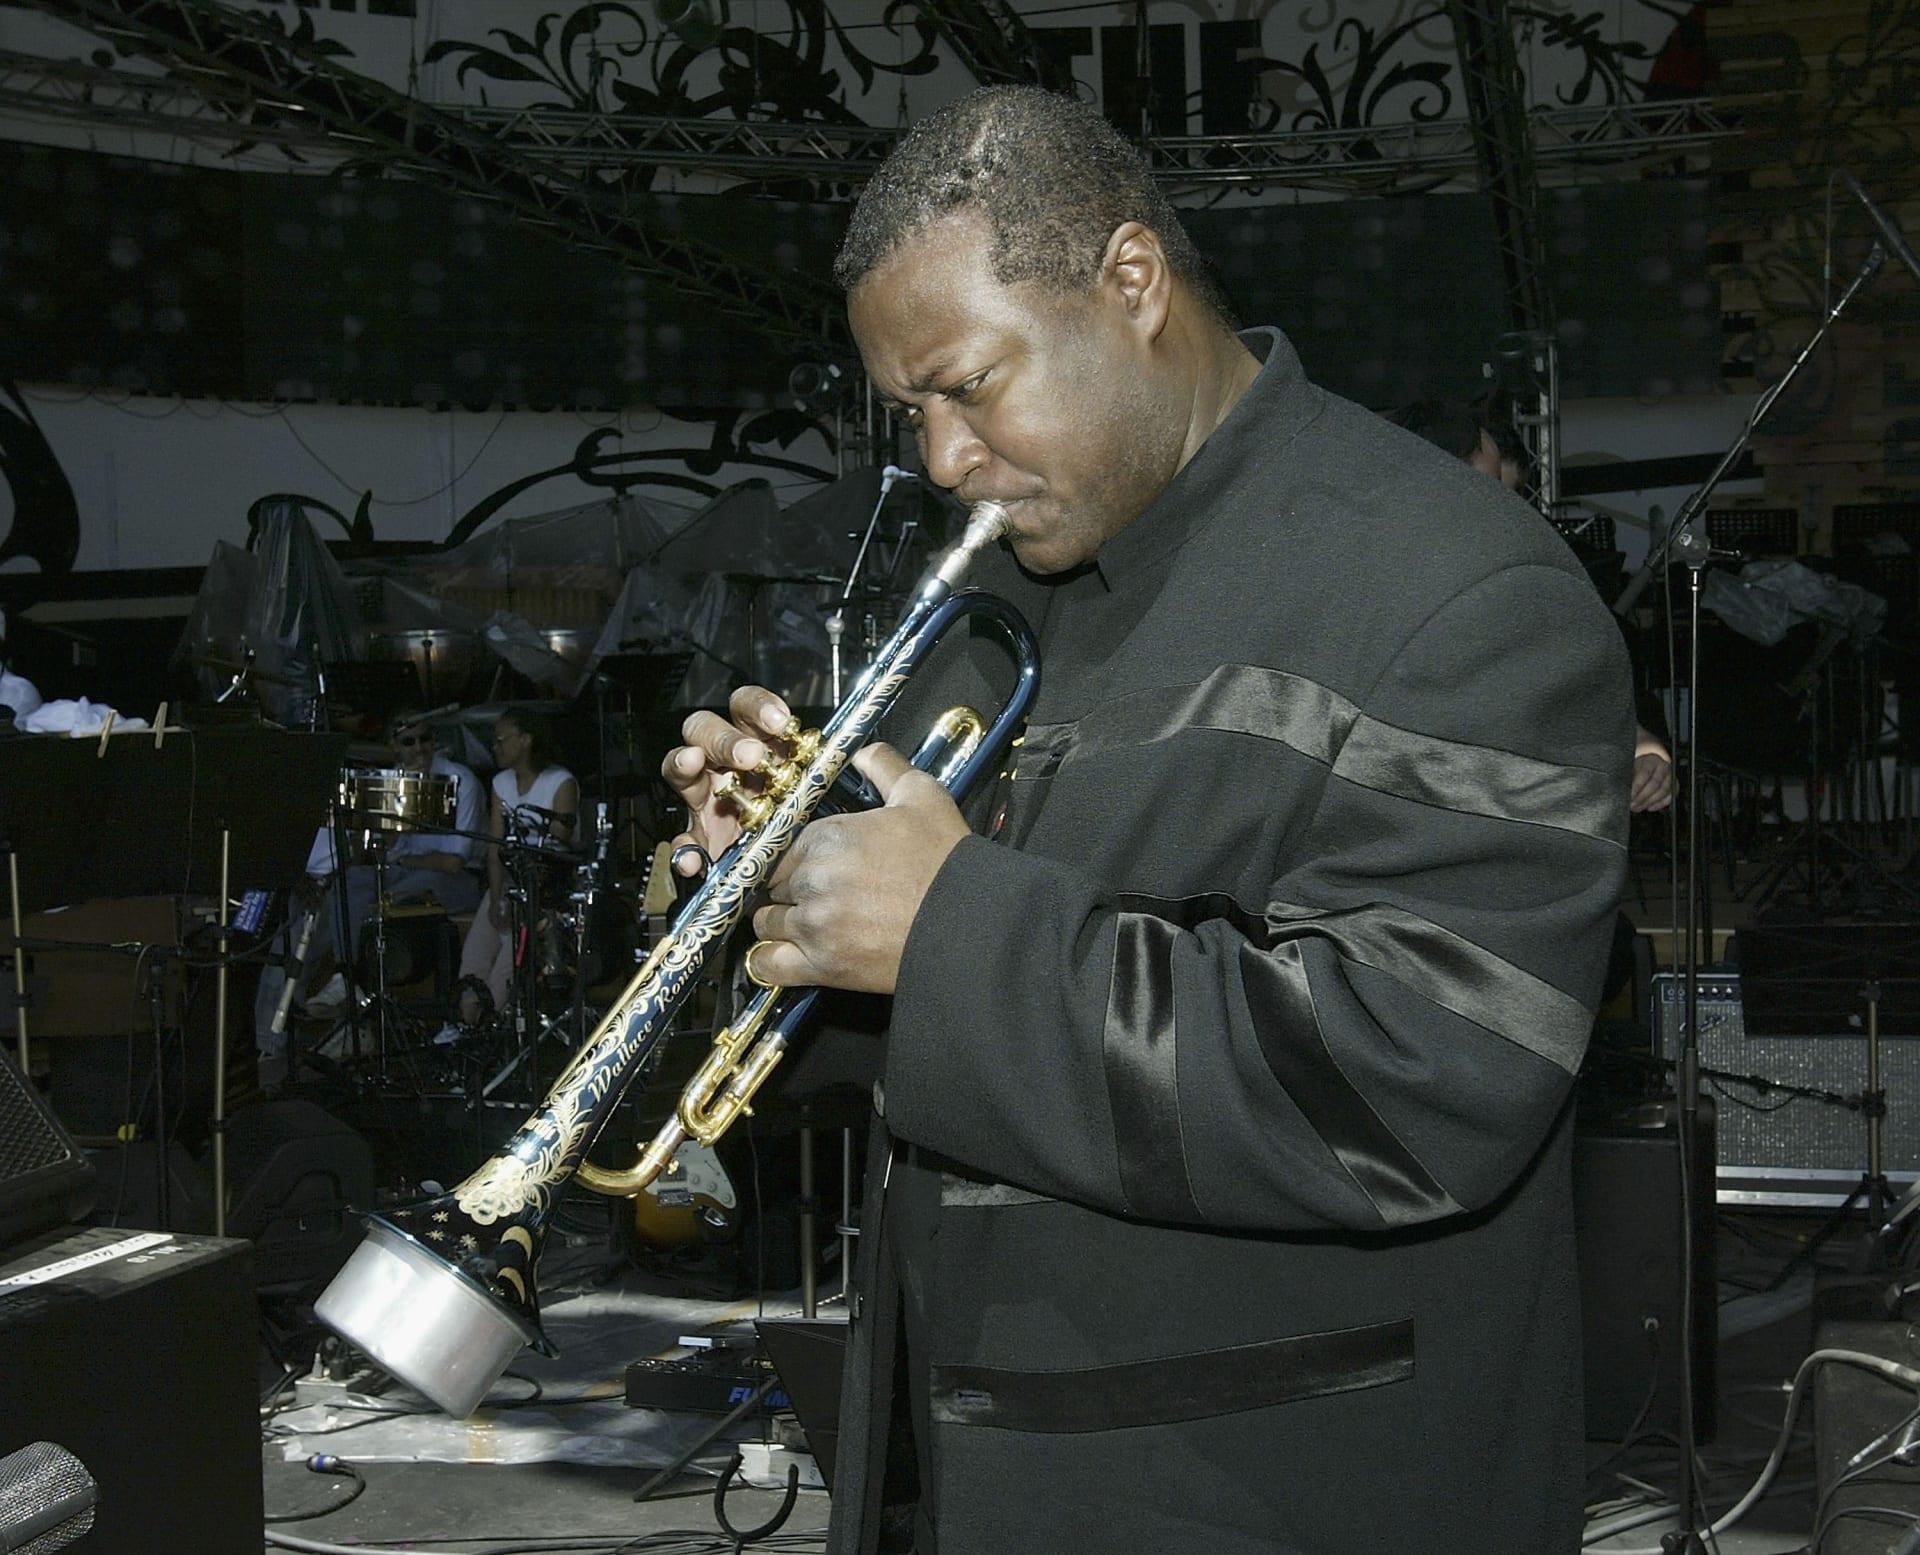 وفاة أسطورة موسيقى الجاز والاس روني بسبب مضاعفات الإصابة بفيروس كورونا